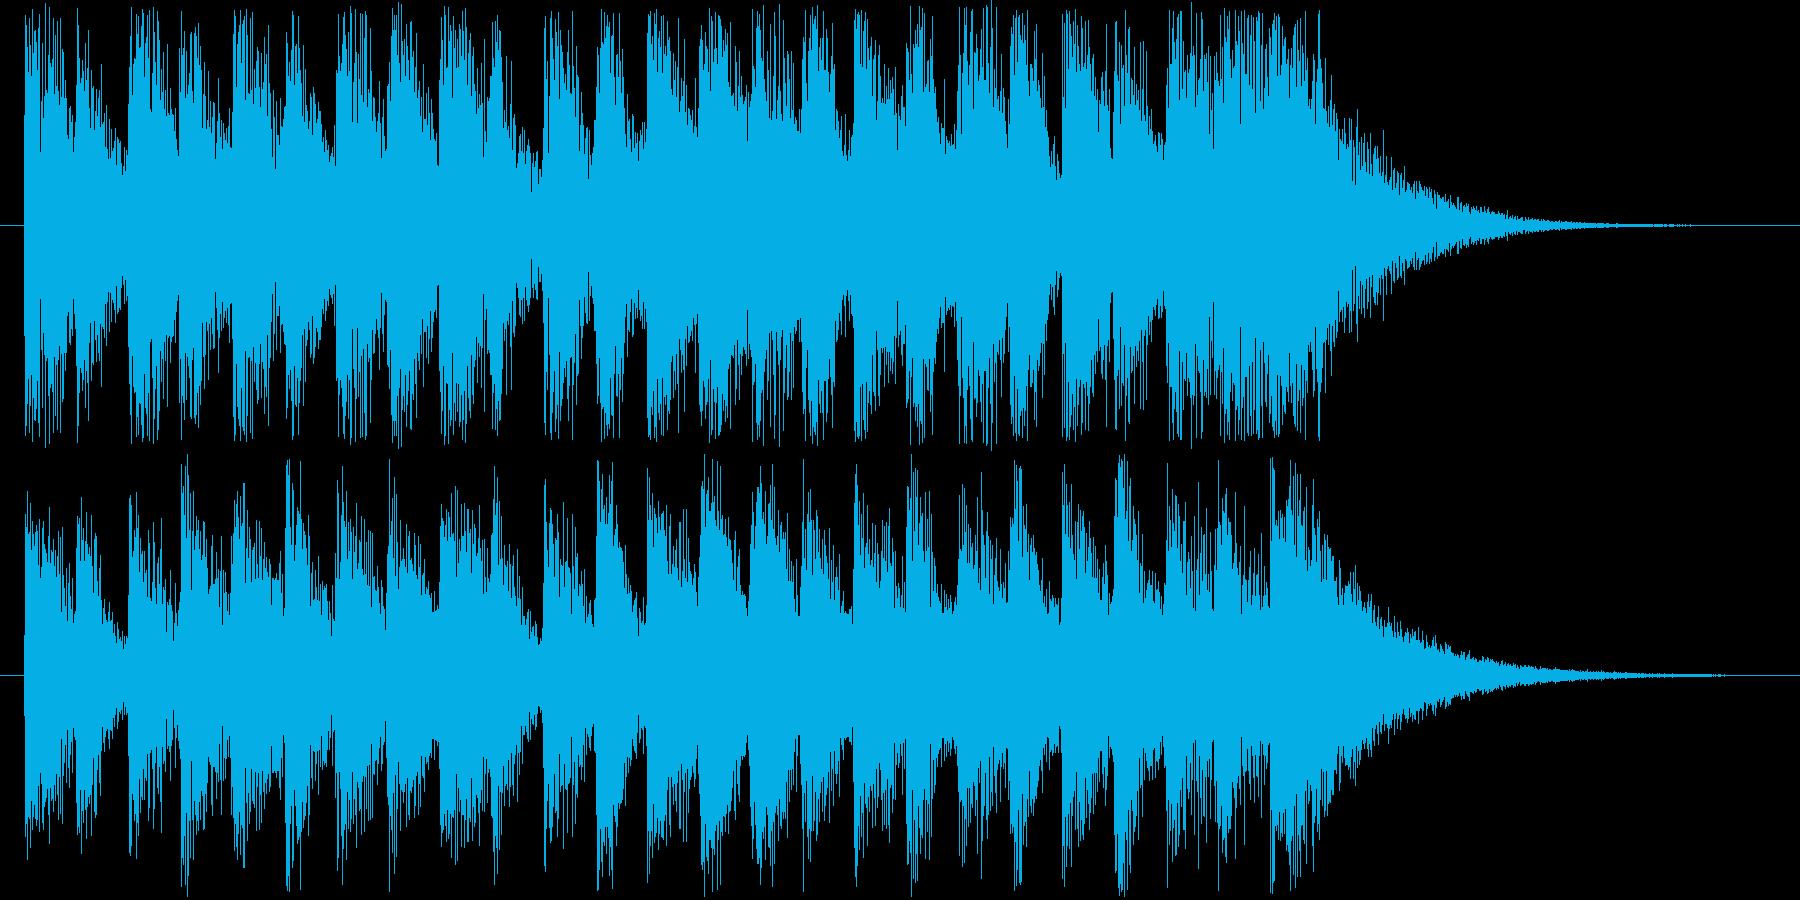 閃きを感じさせる、明るい曲の再生済みの波形